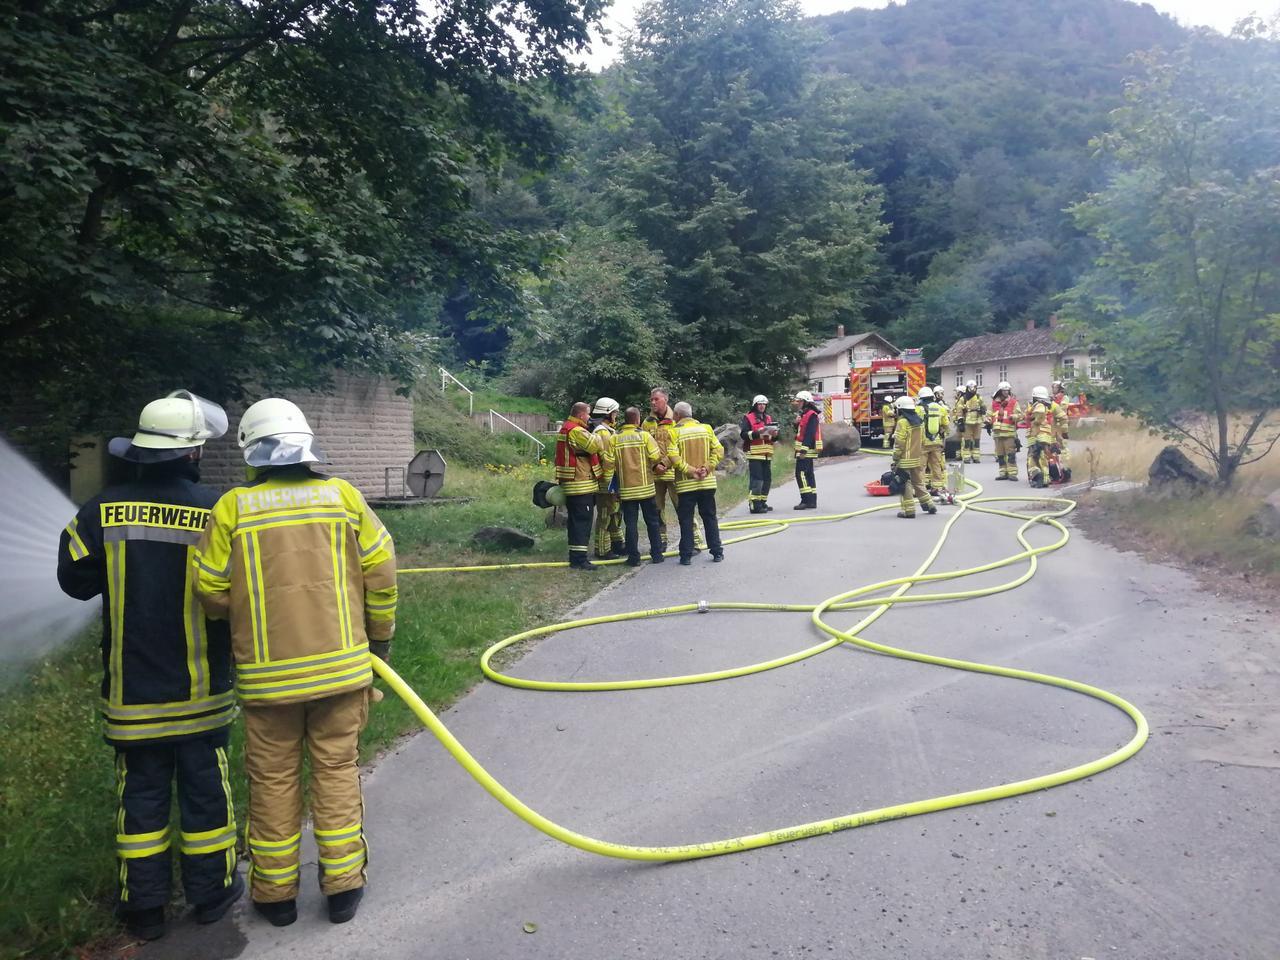 Feuerwehr übt an Wasserhochbehälter